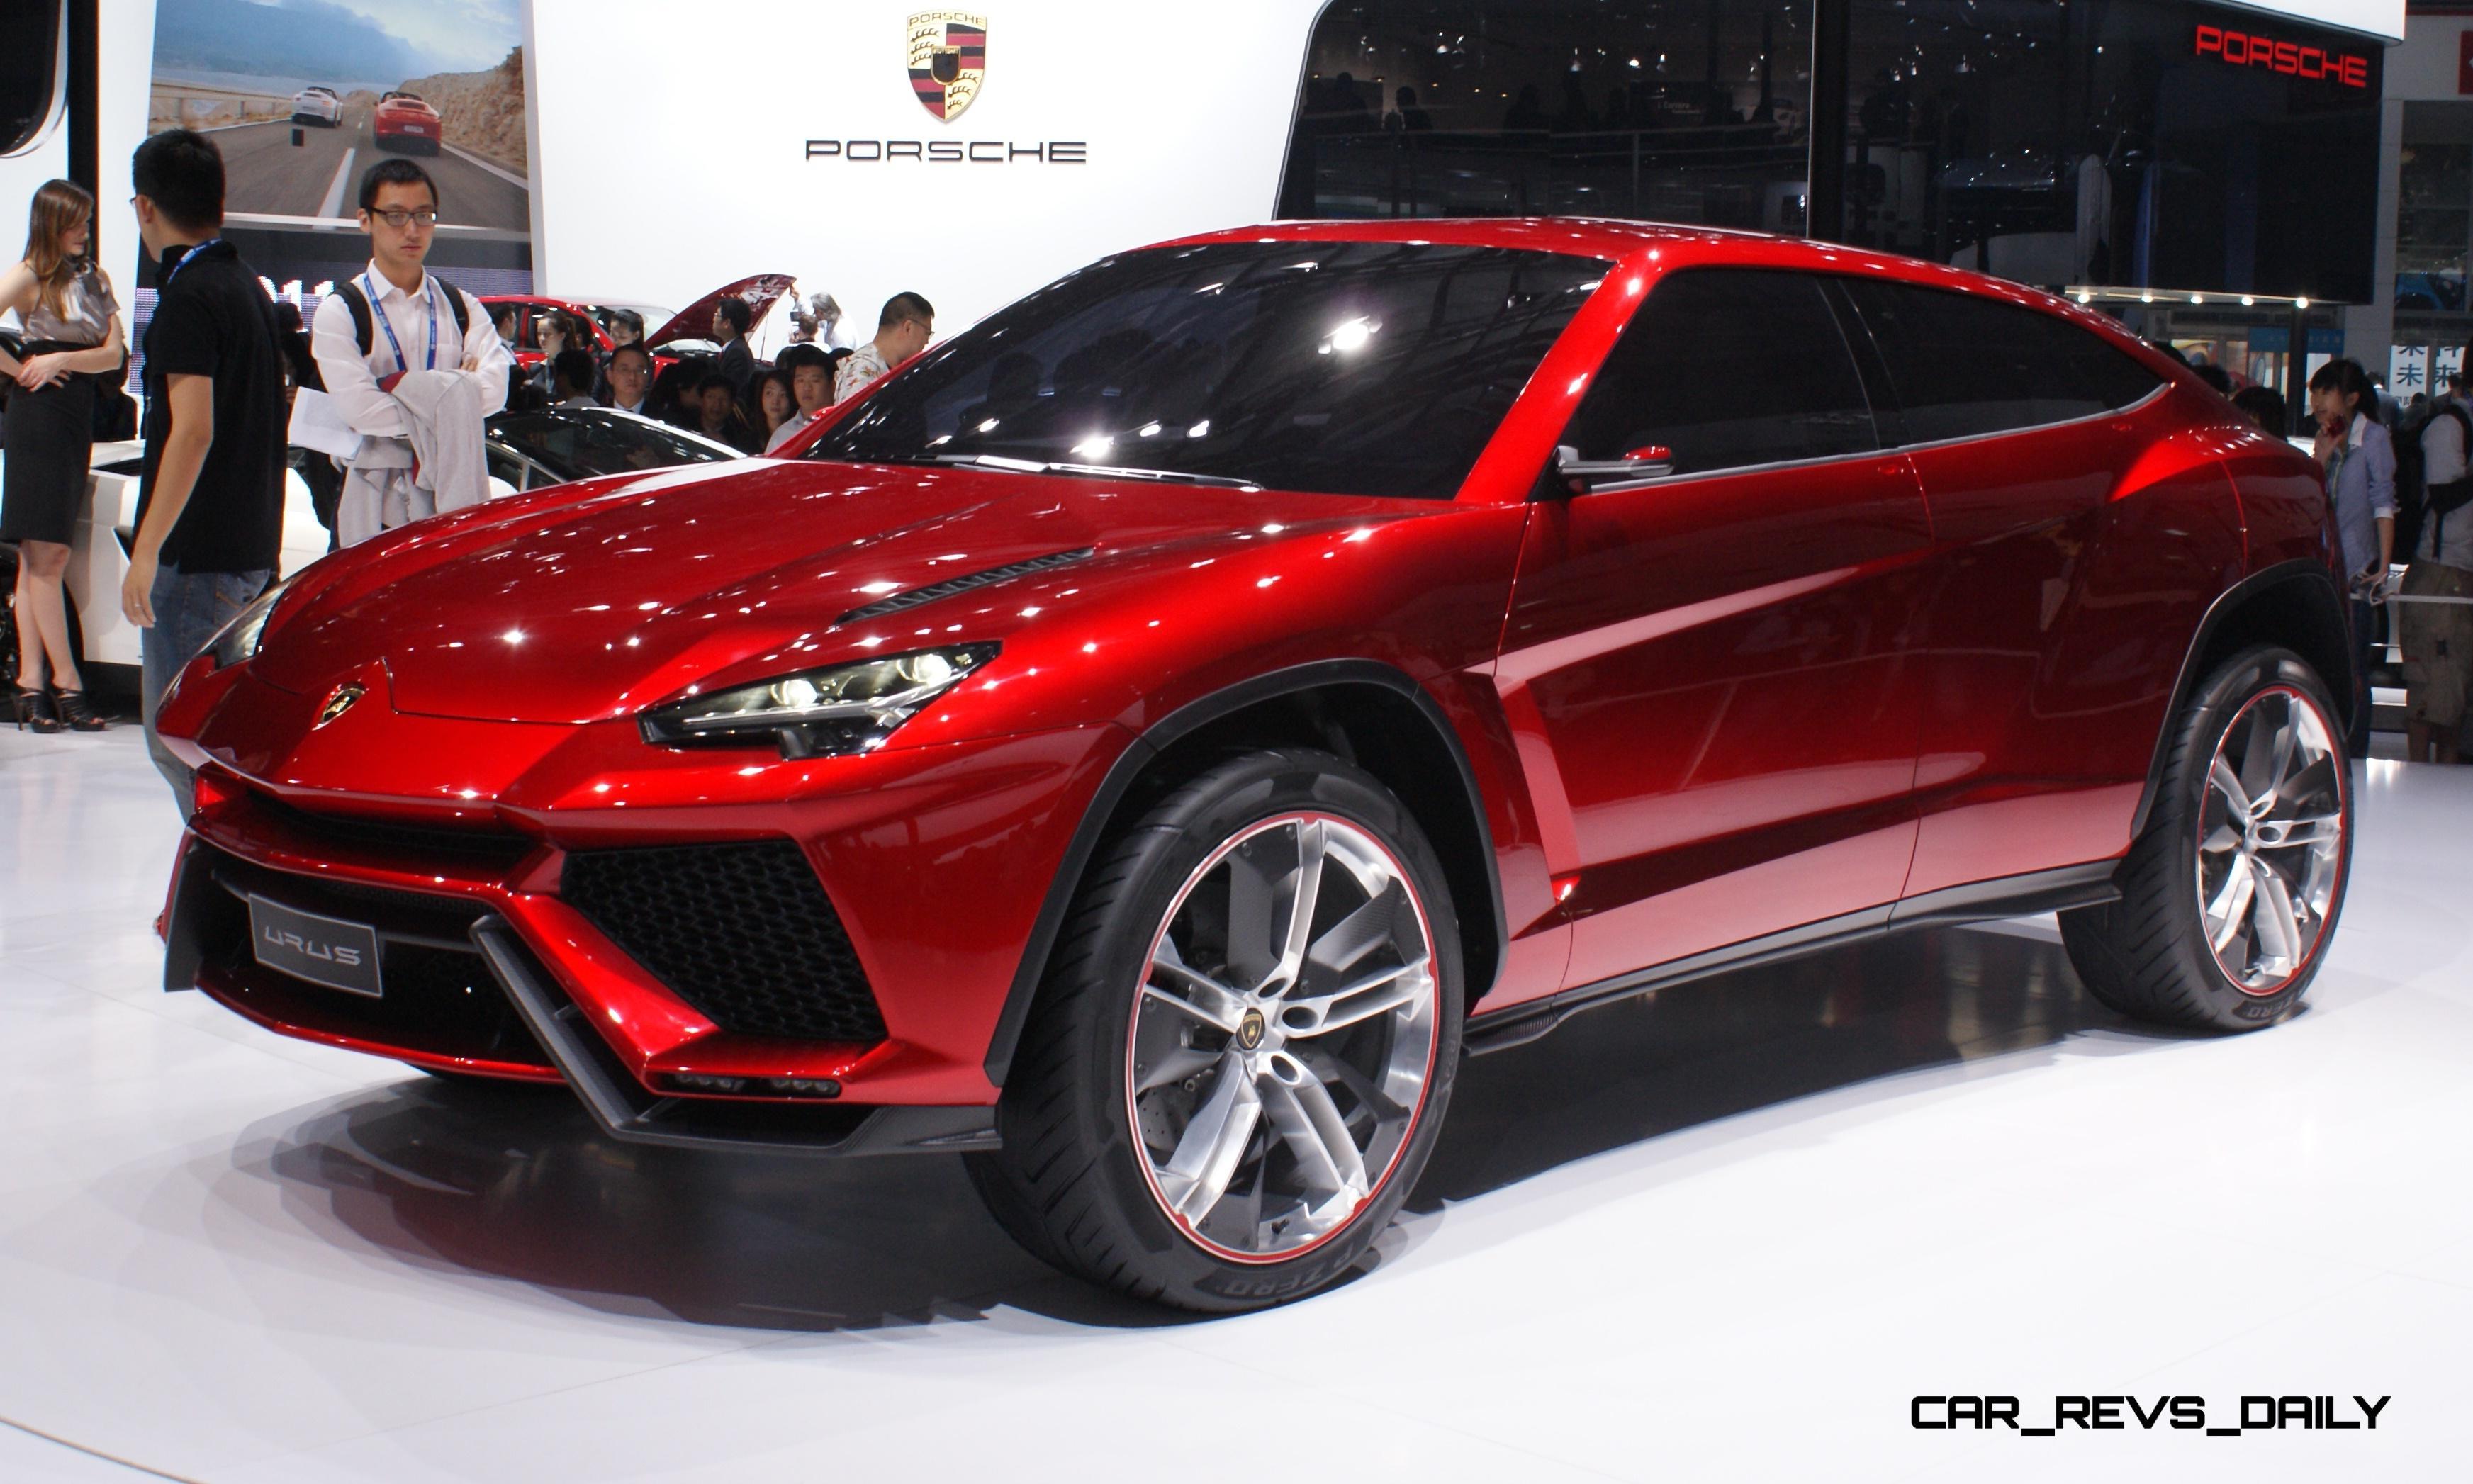 Lamborghini Paris Launch Rumored To Be AllNew 2016 URUS